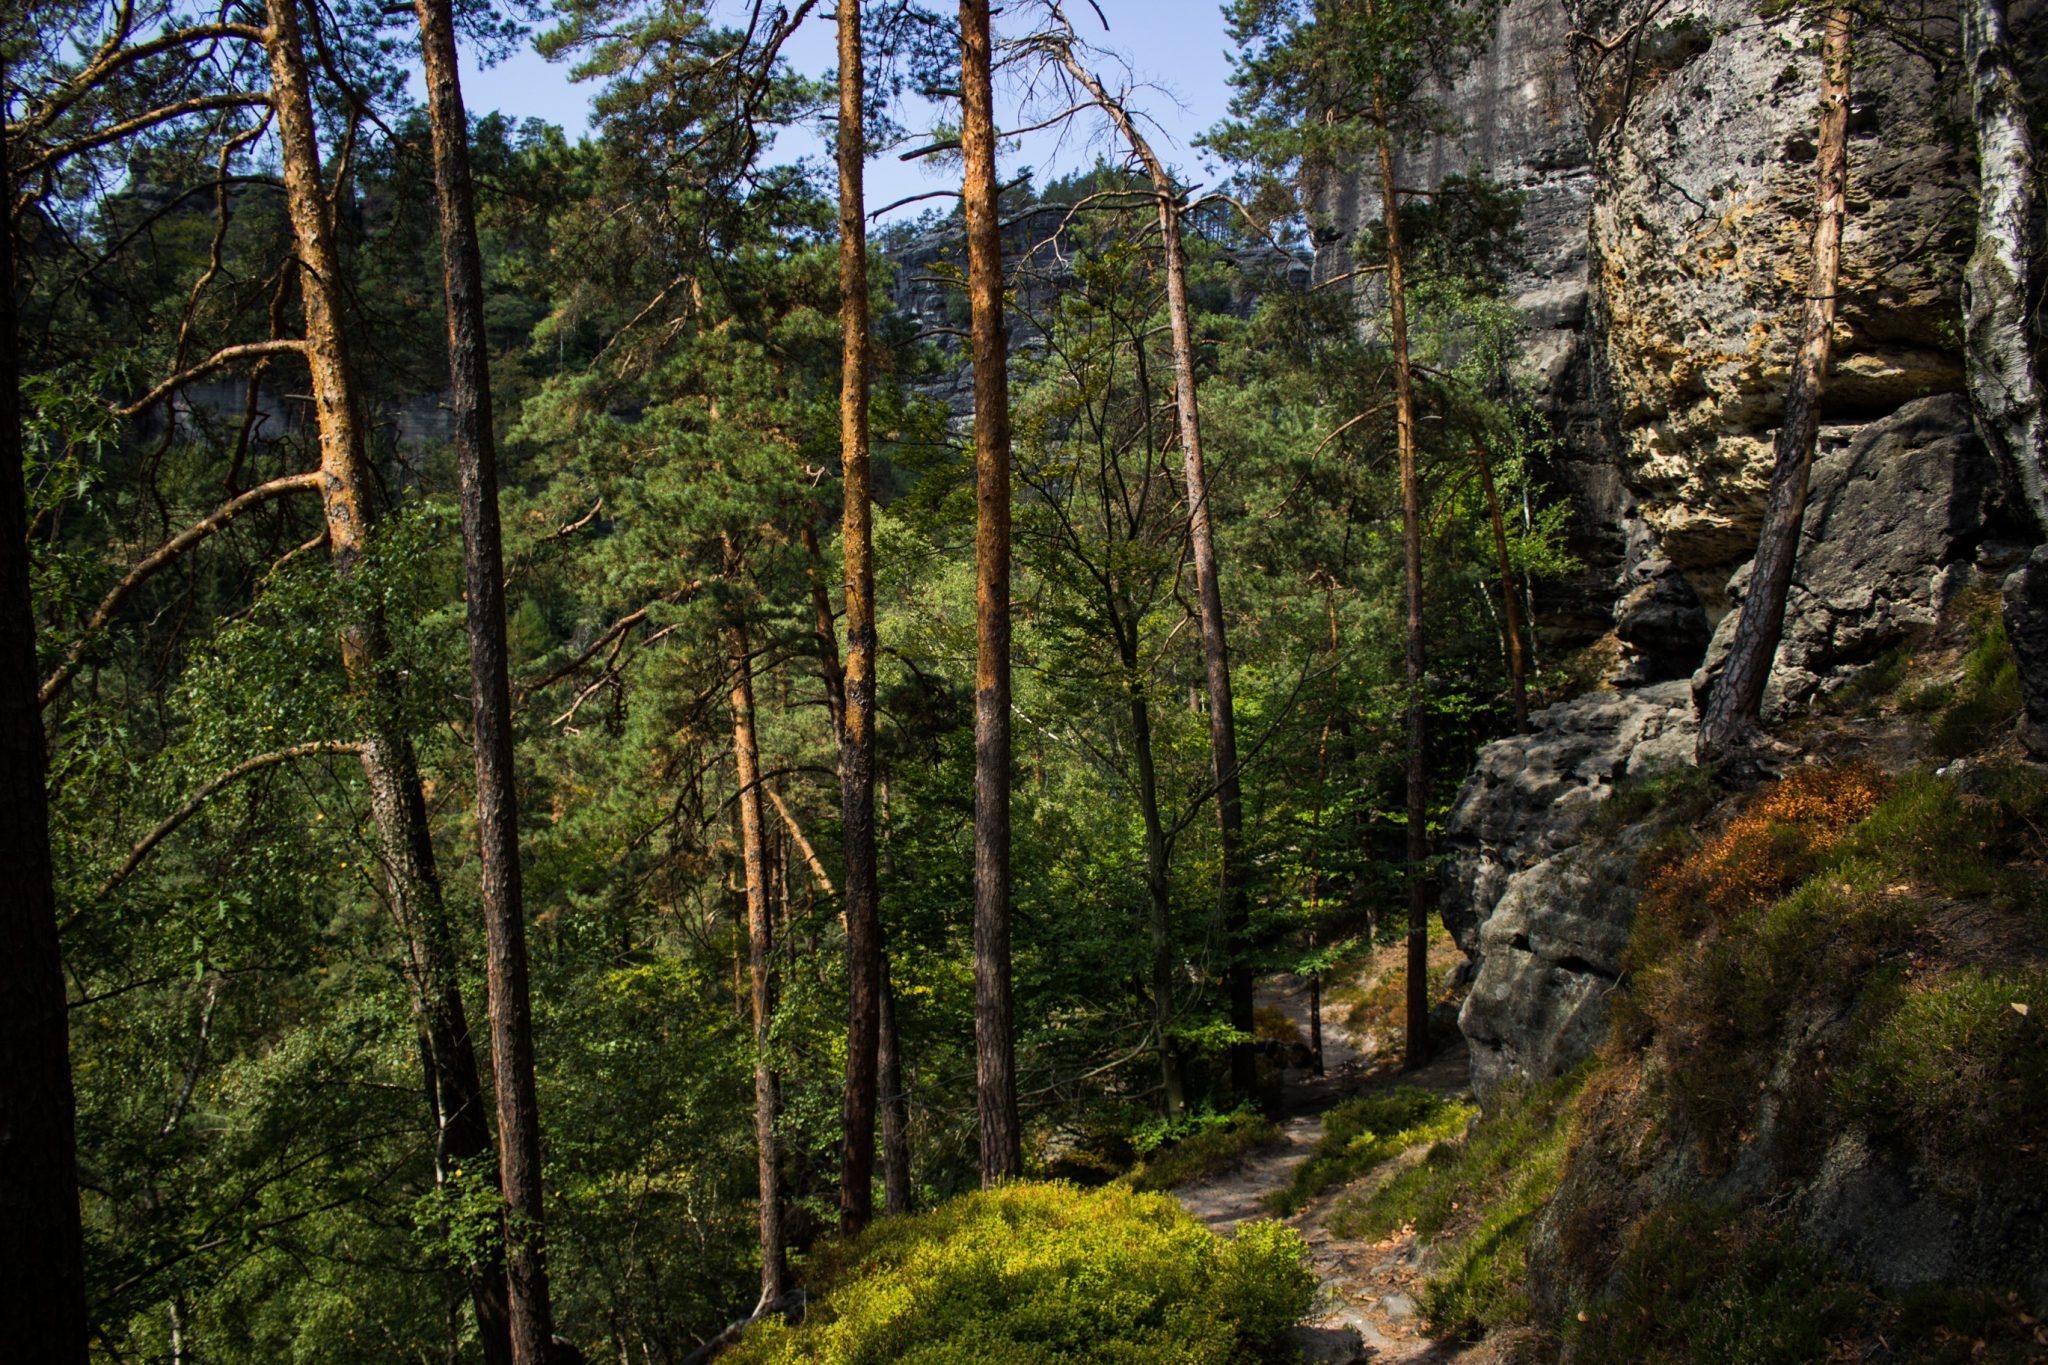 Zeughaus Roß- und Goldsteig Richterschlüchte im Kirnitzschtal wandern, Wanderweg im Wanderparadies Sächsische Schweiz mit vielen tollen Aussichten, riesiger Felsennationalpark, immer abwechslungsreiche Wege